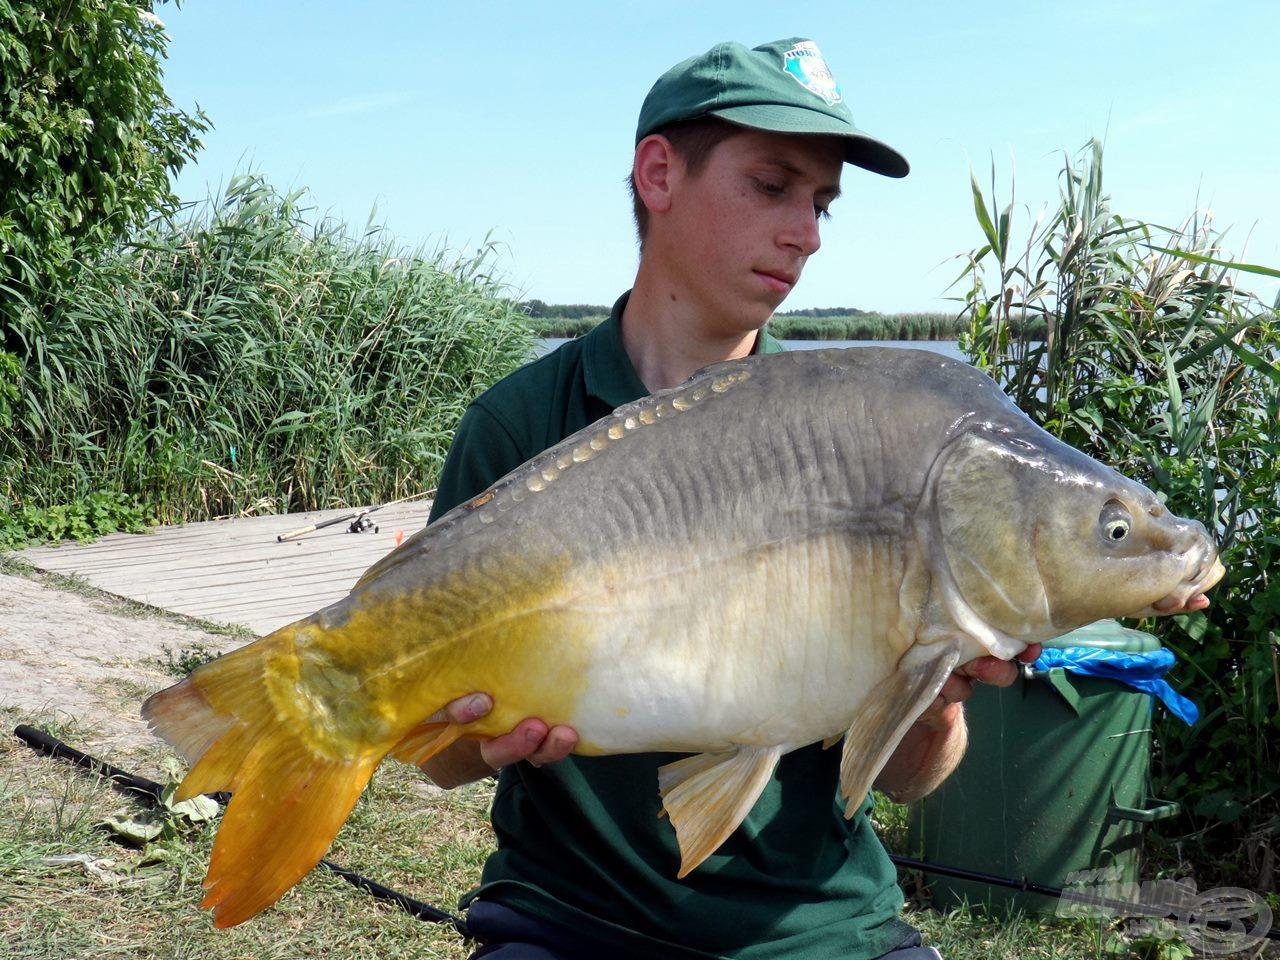 Gyönyörű, öreg, pocakos tükrös, mely a horgászat legnagyobb hala lett